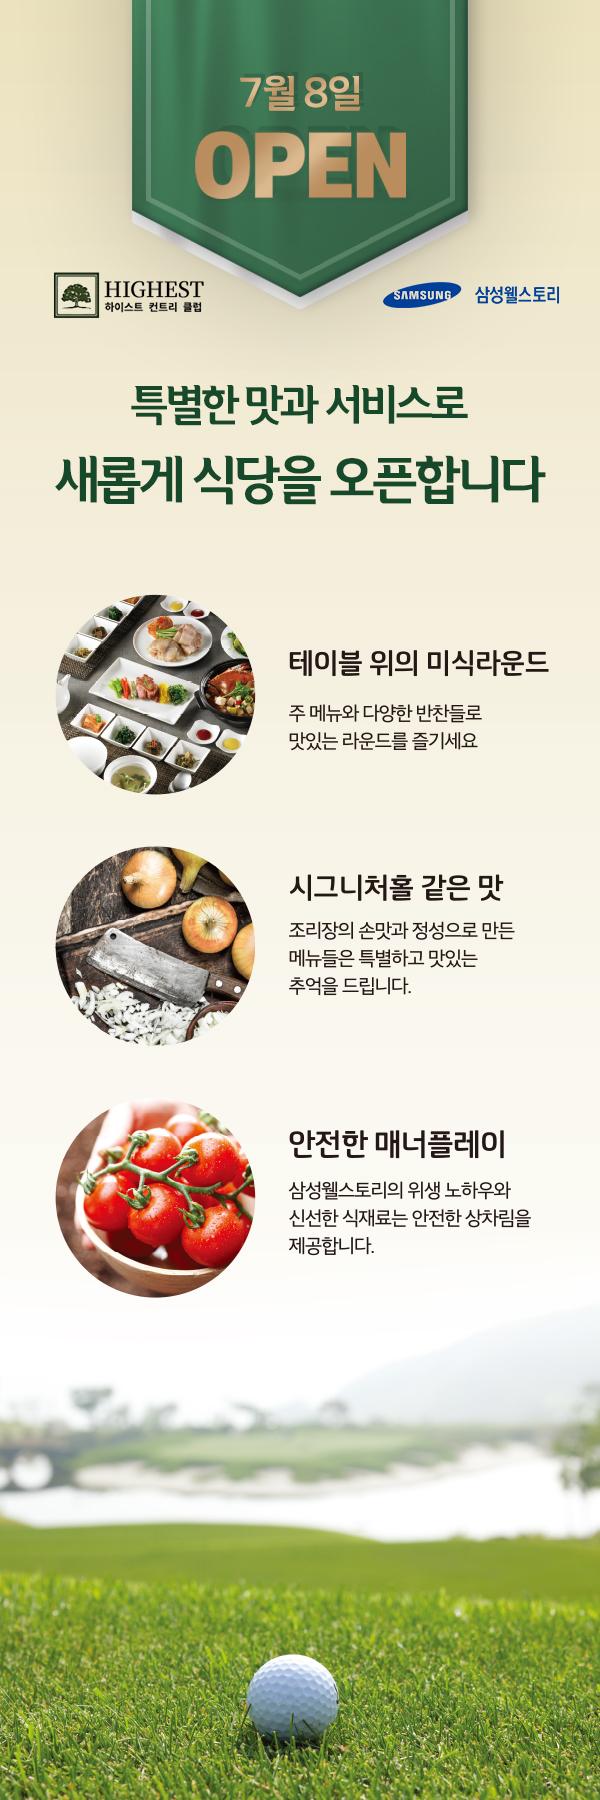 7월 8일 새로운 식당 OPEN!!